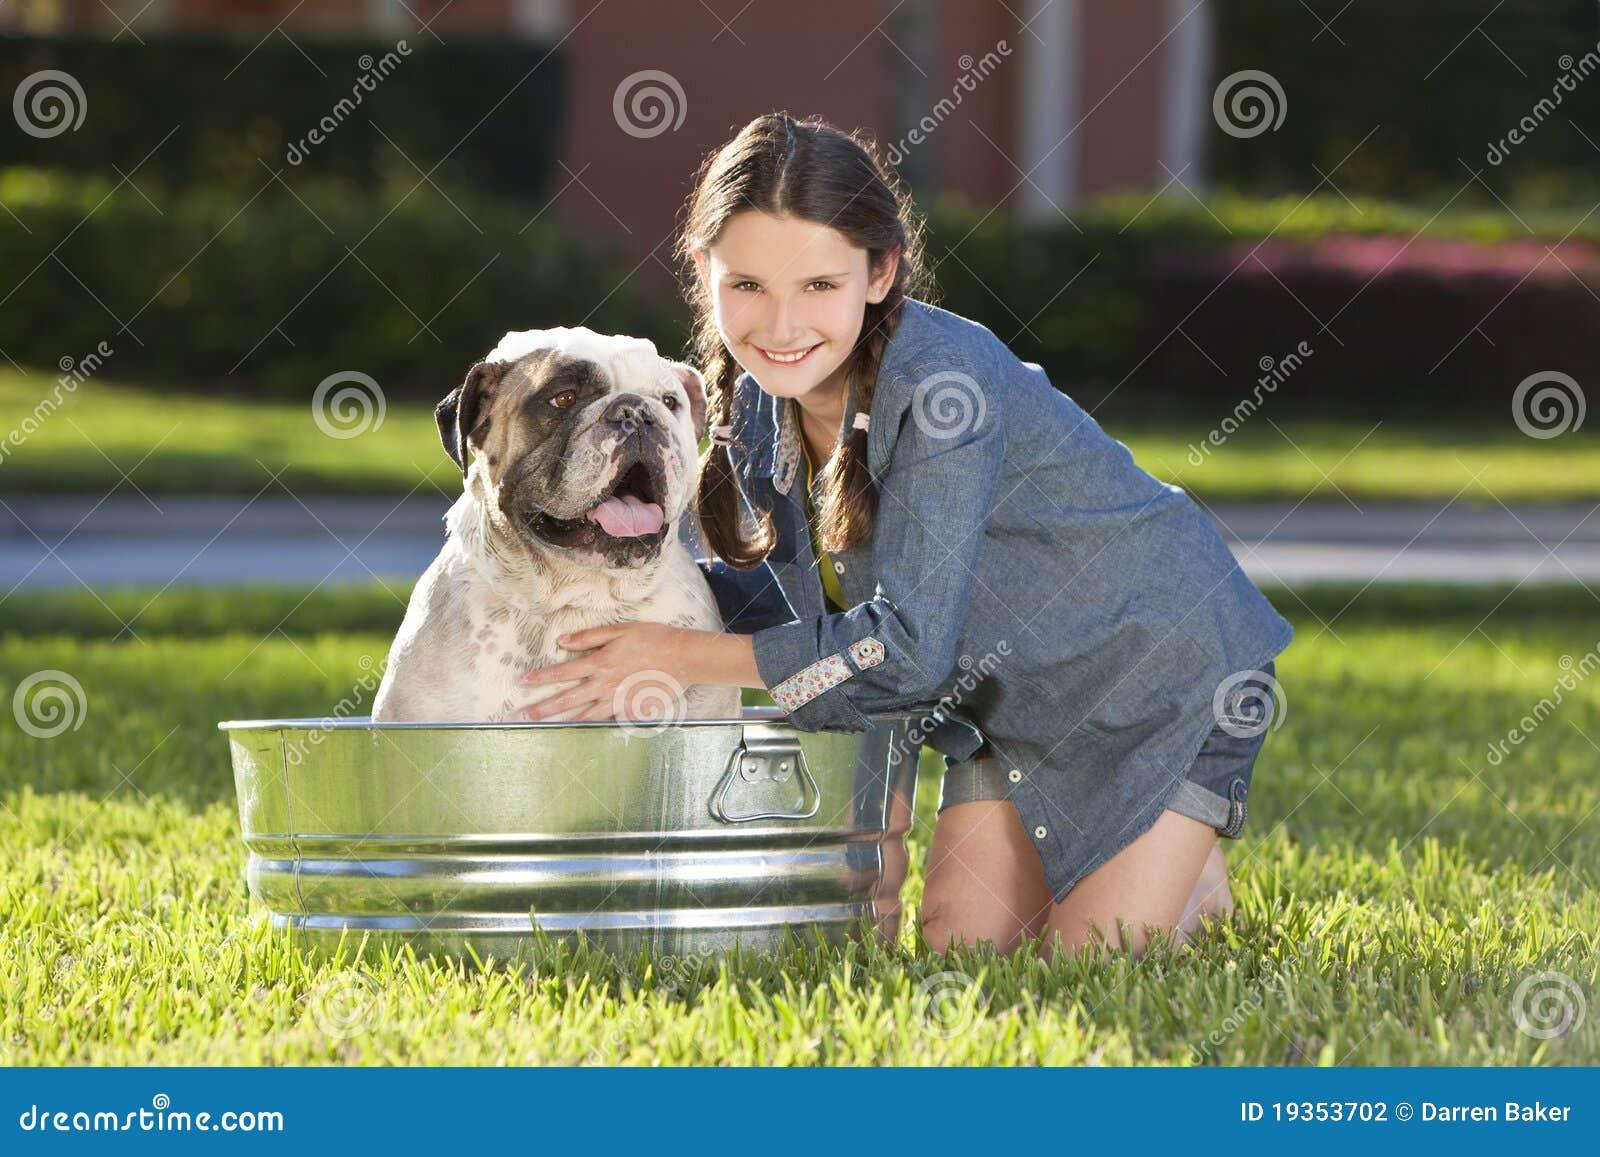 Rapariga bonita que lava seu cão de animal de estimação em uma cuba